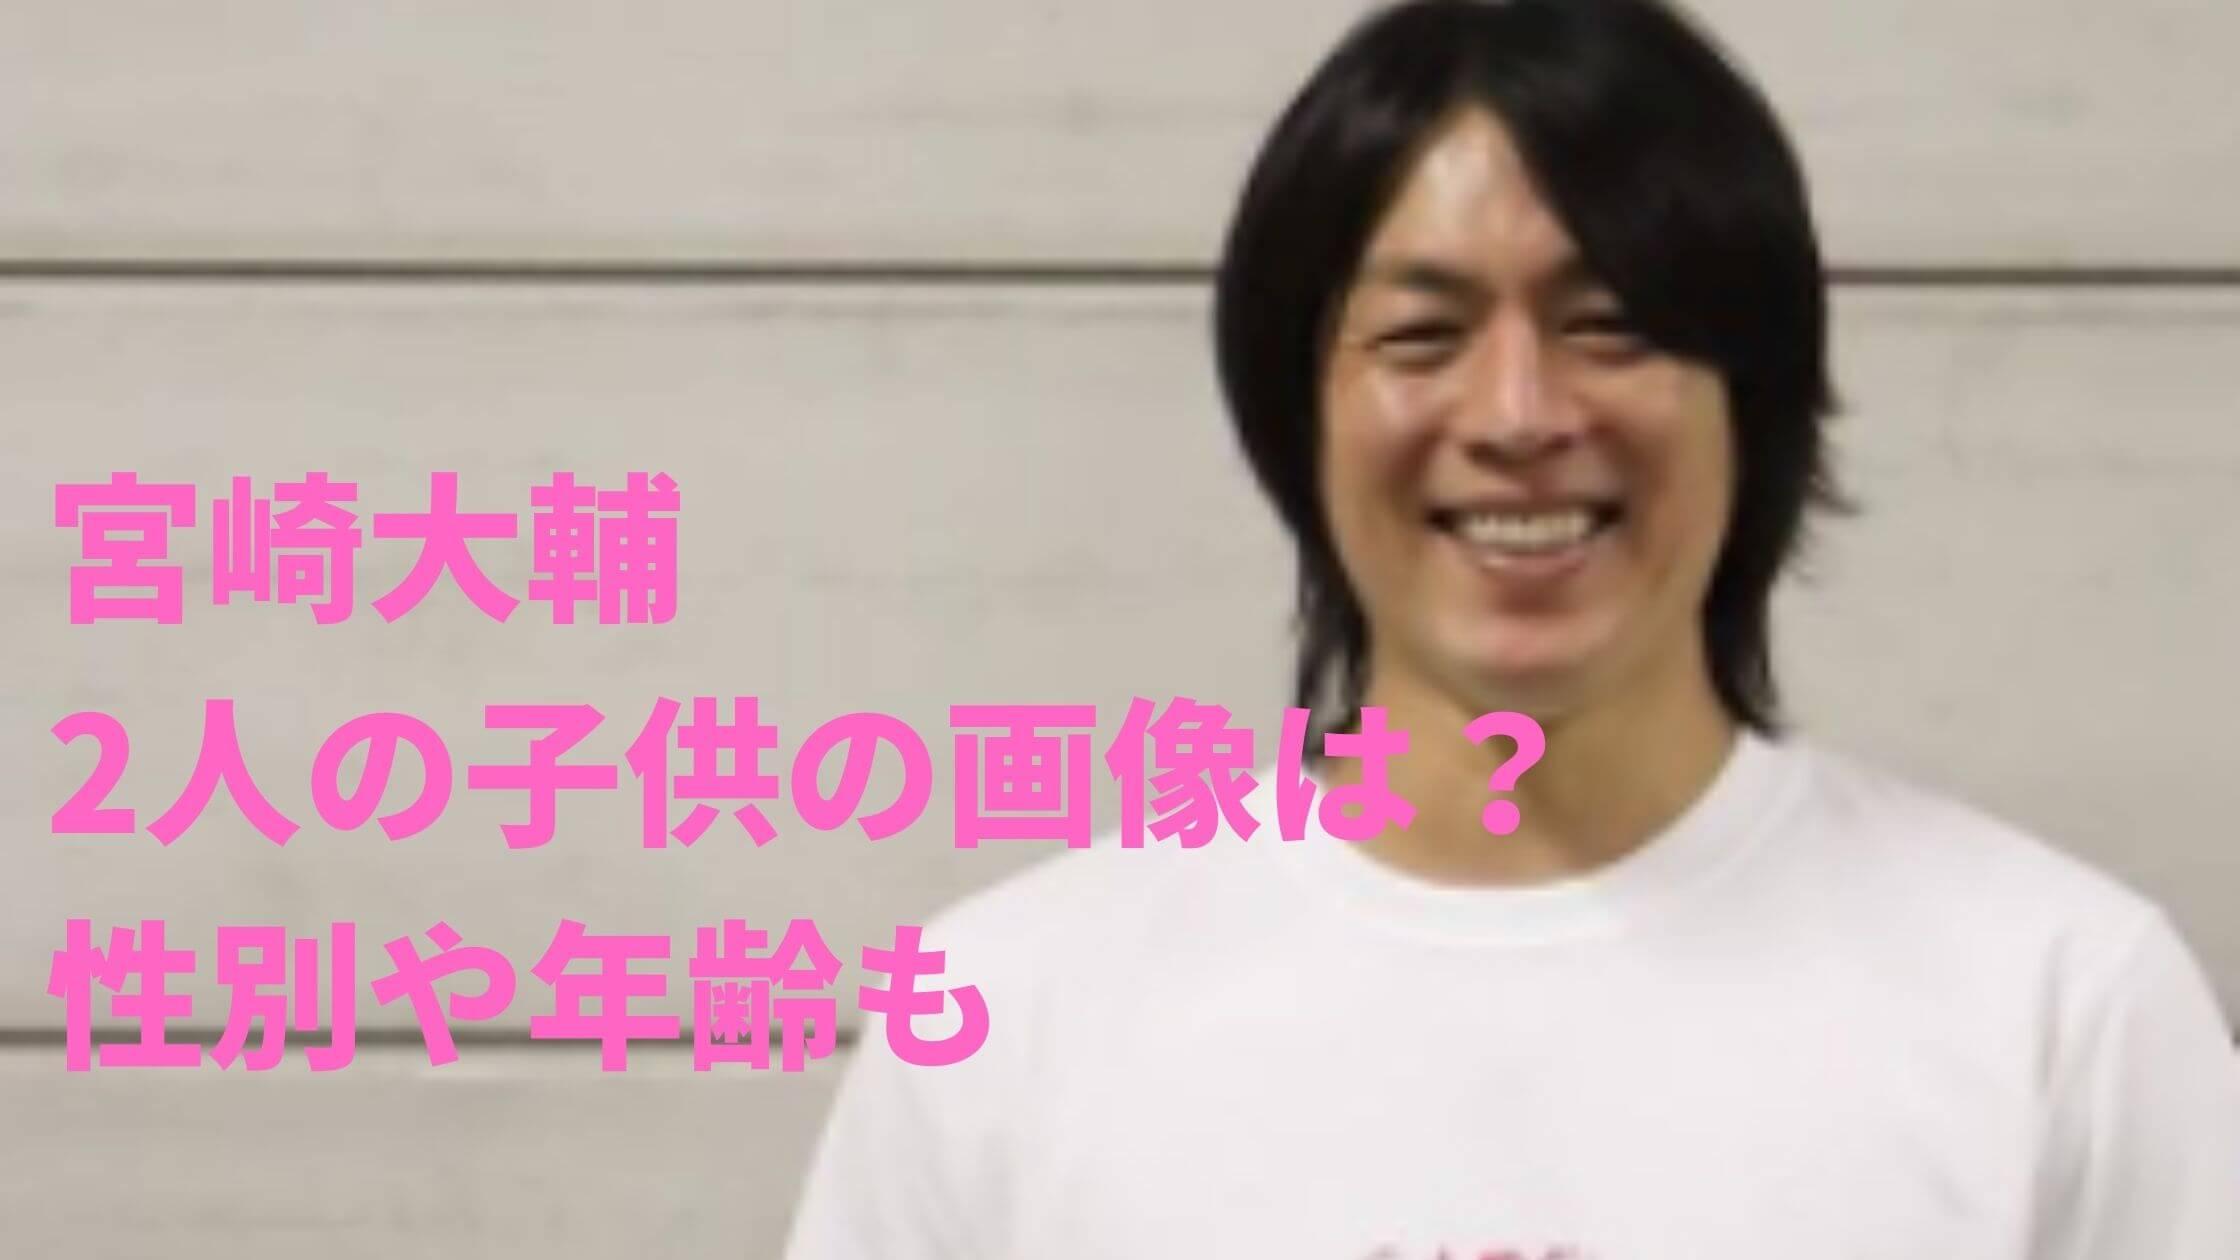 宮崎大輔 子供 顔画像